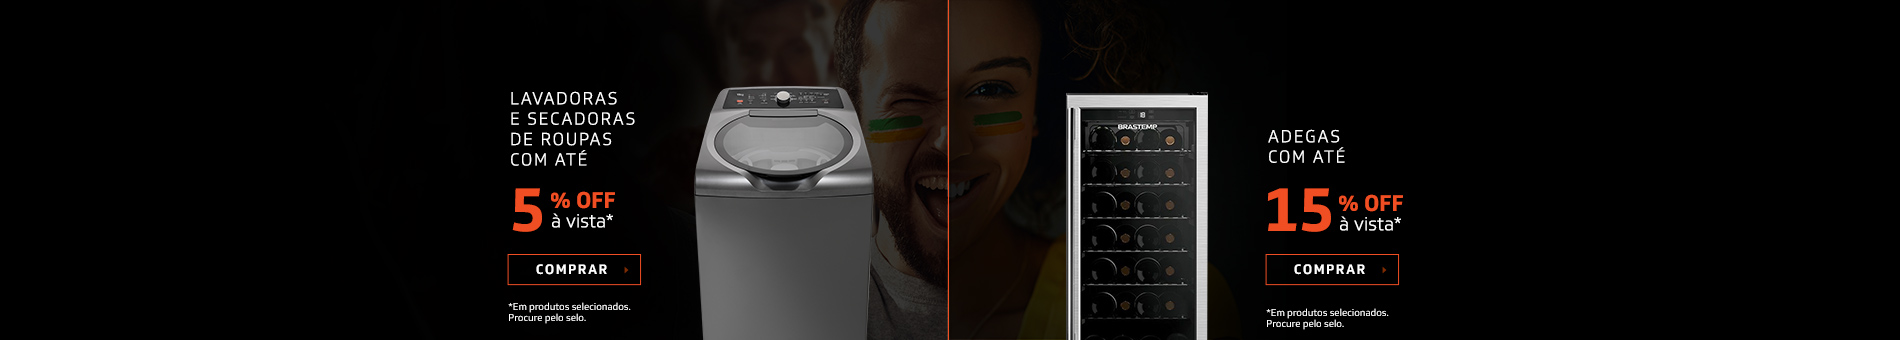 Promoção Interna - 2296 - campanha-copa_lavadorassec-adega-15vista_22052018_home6 - lavadorassec-adega-15vista - 6